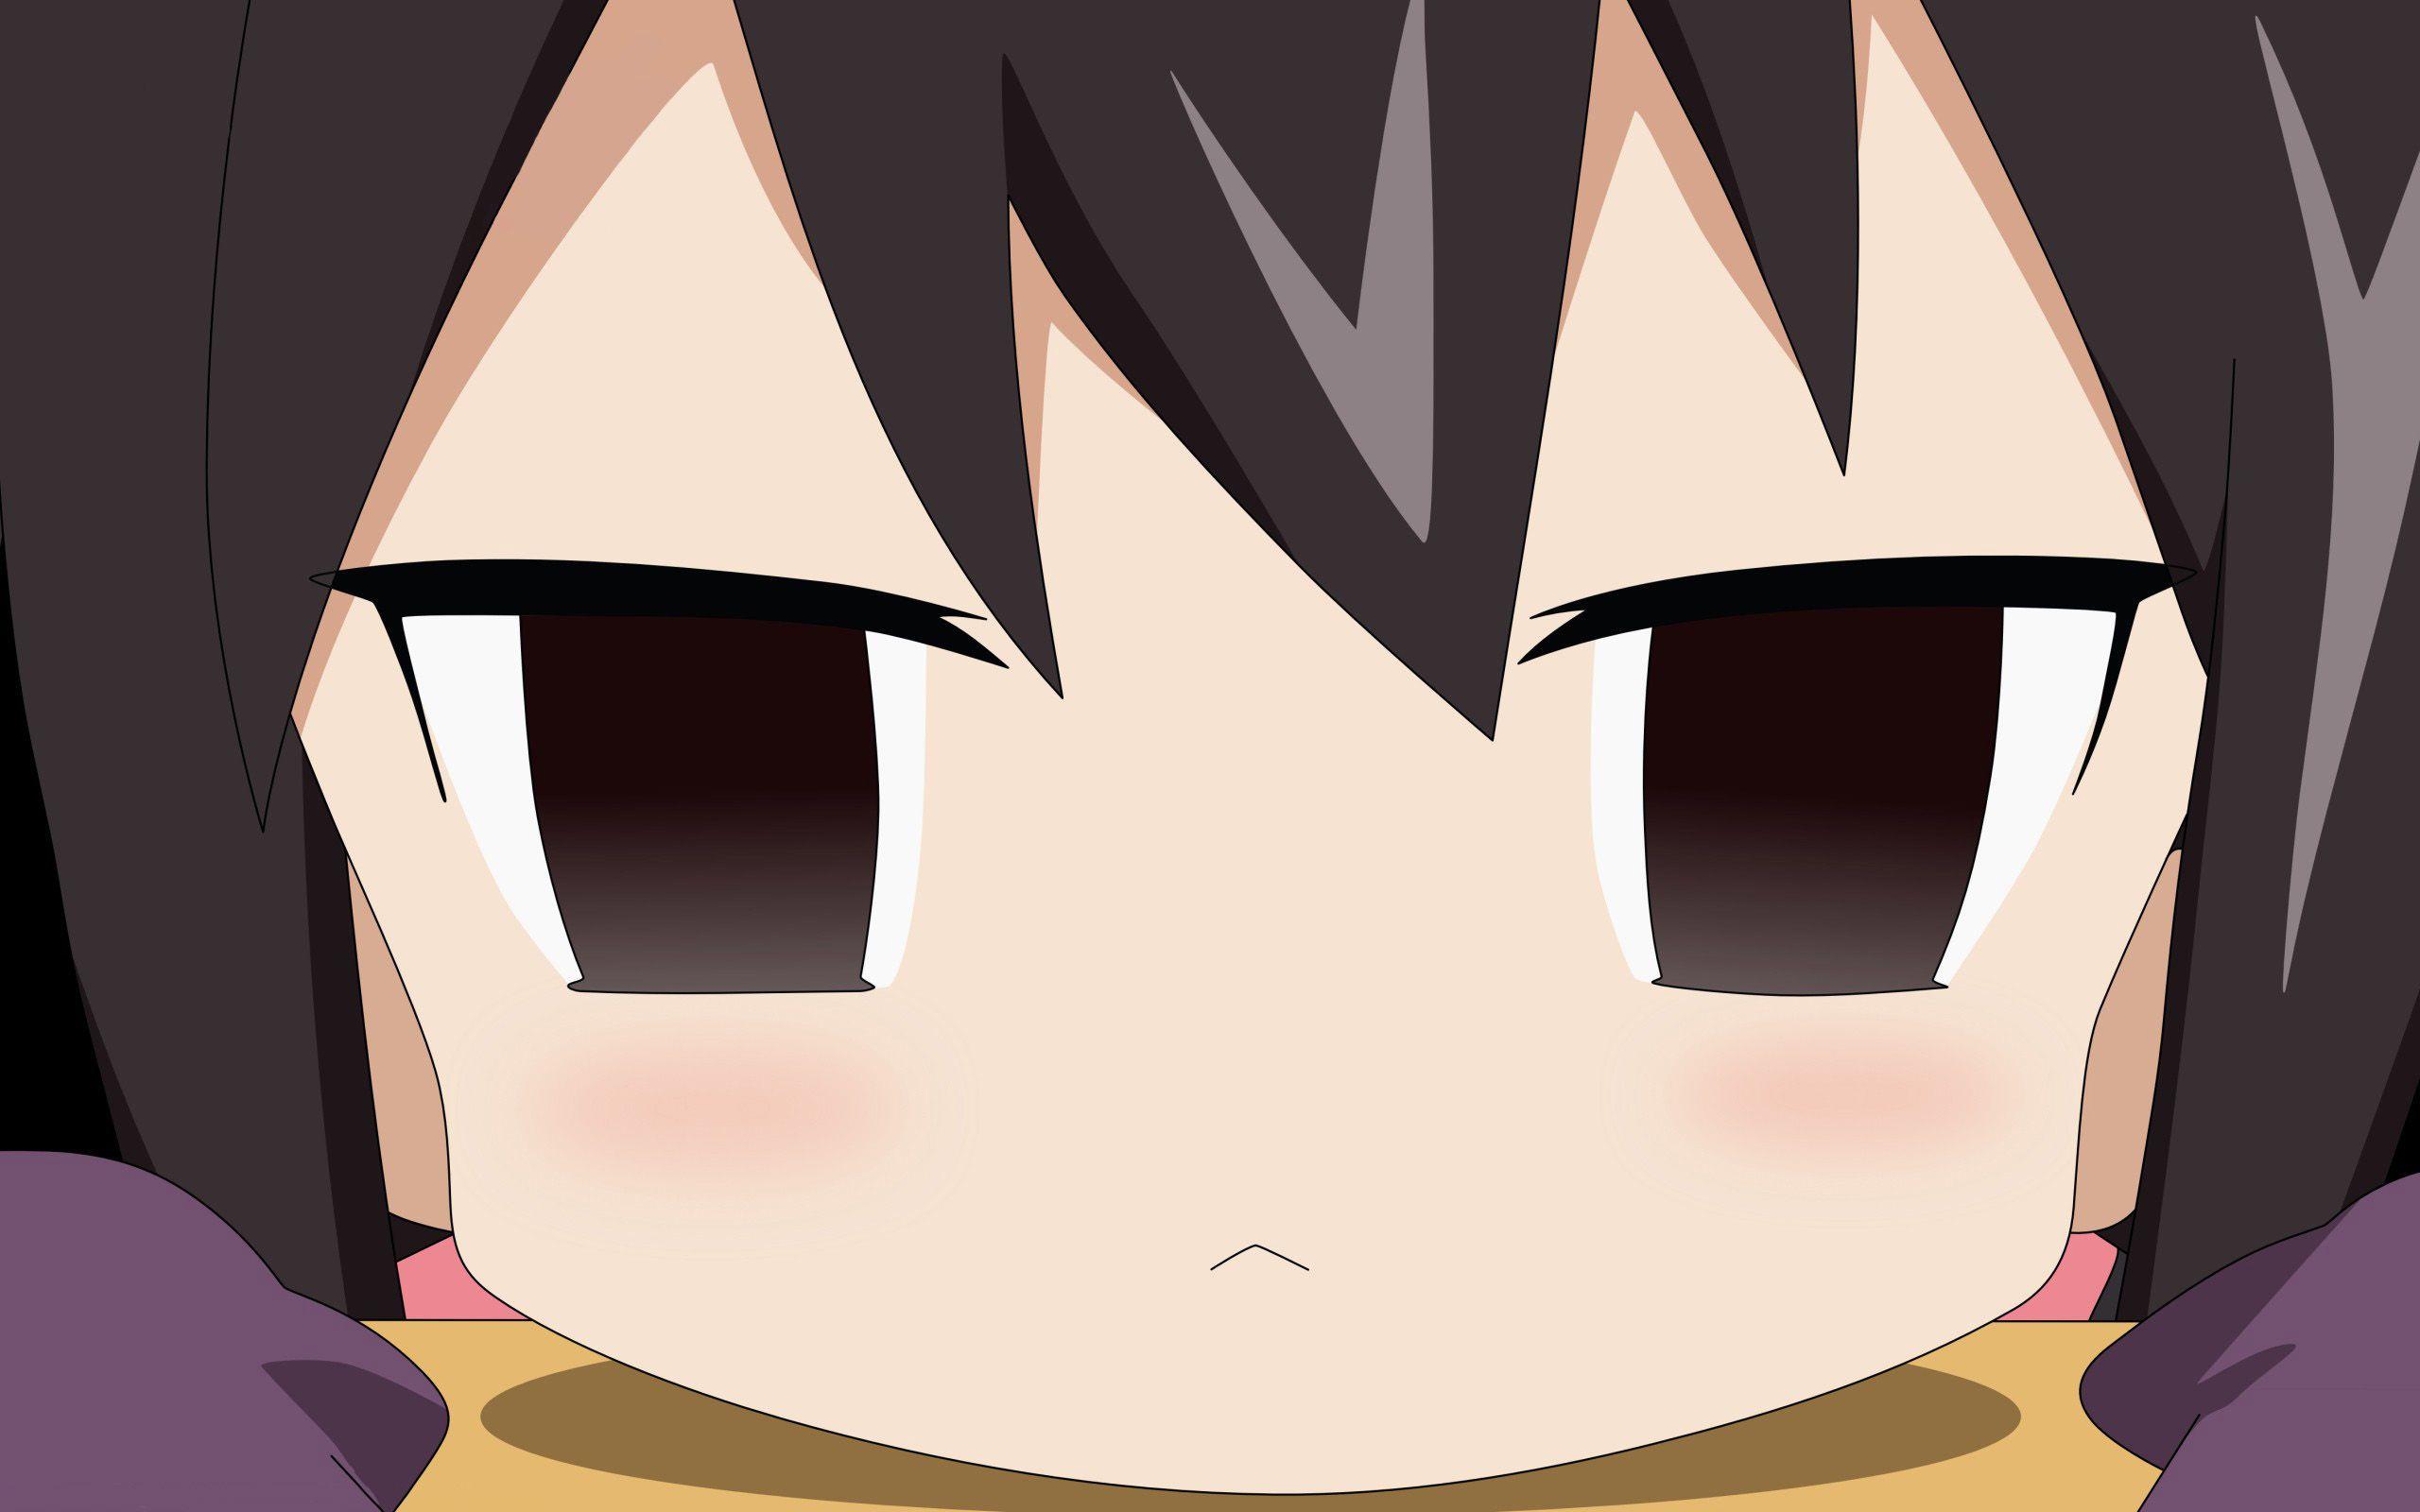 Крутые картинки для канала на ютубе аниме, открытки